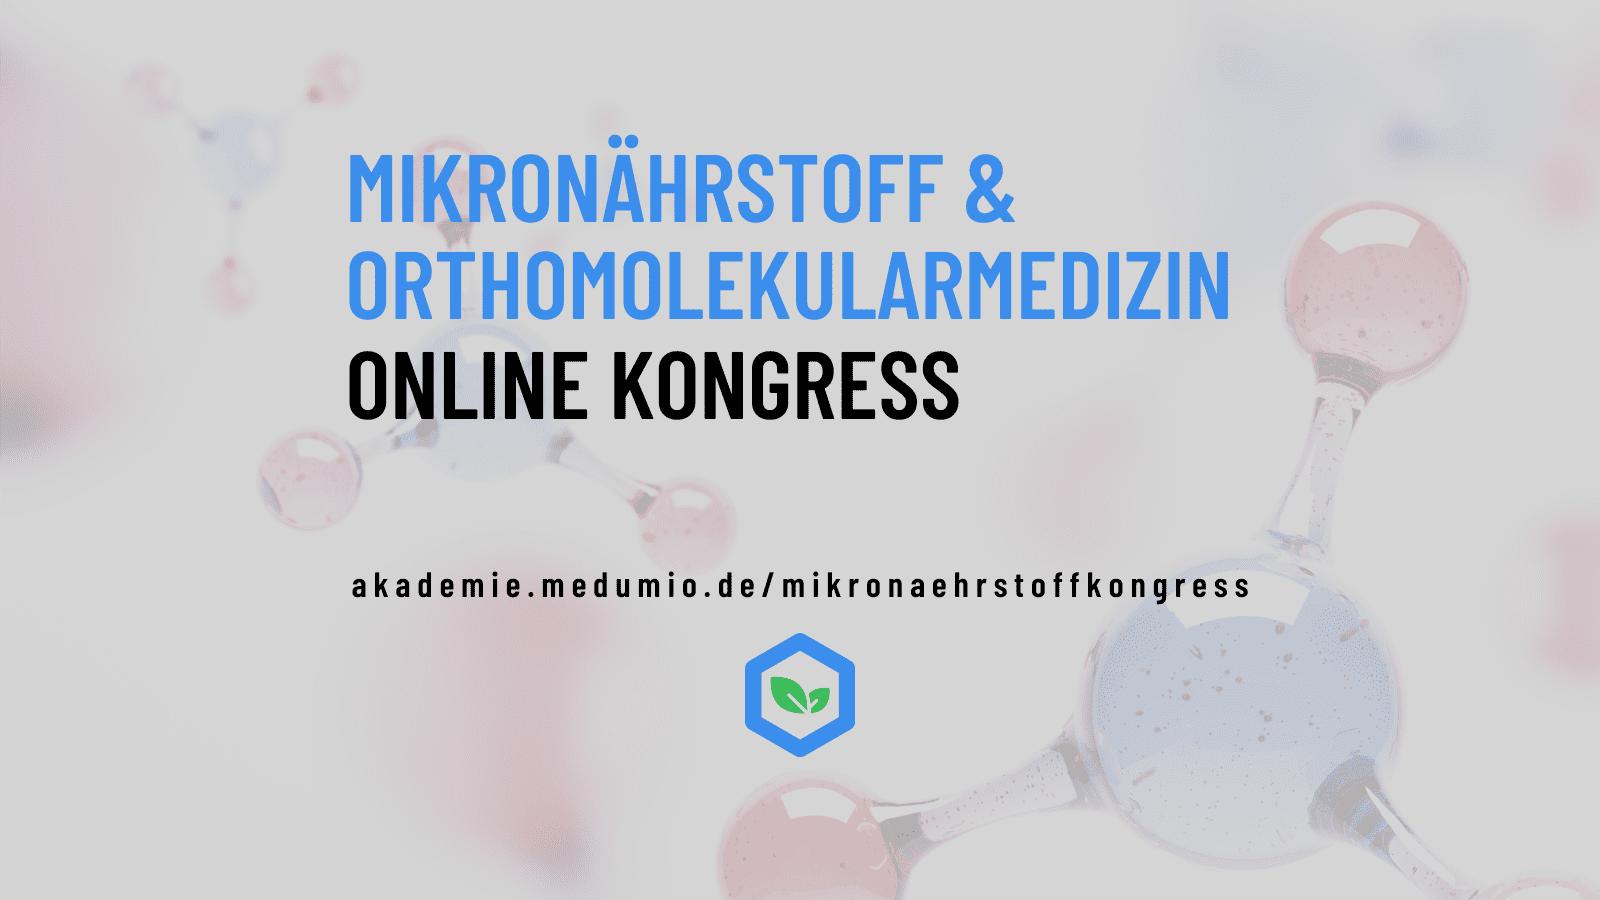 Mikronährstoff & Orthomolekularmedizin Kongress | Medumio Akademie